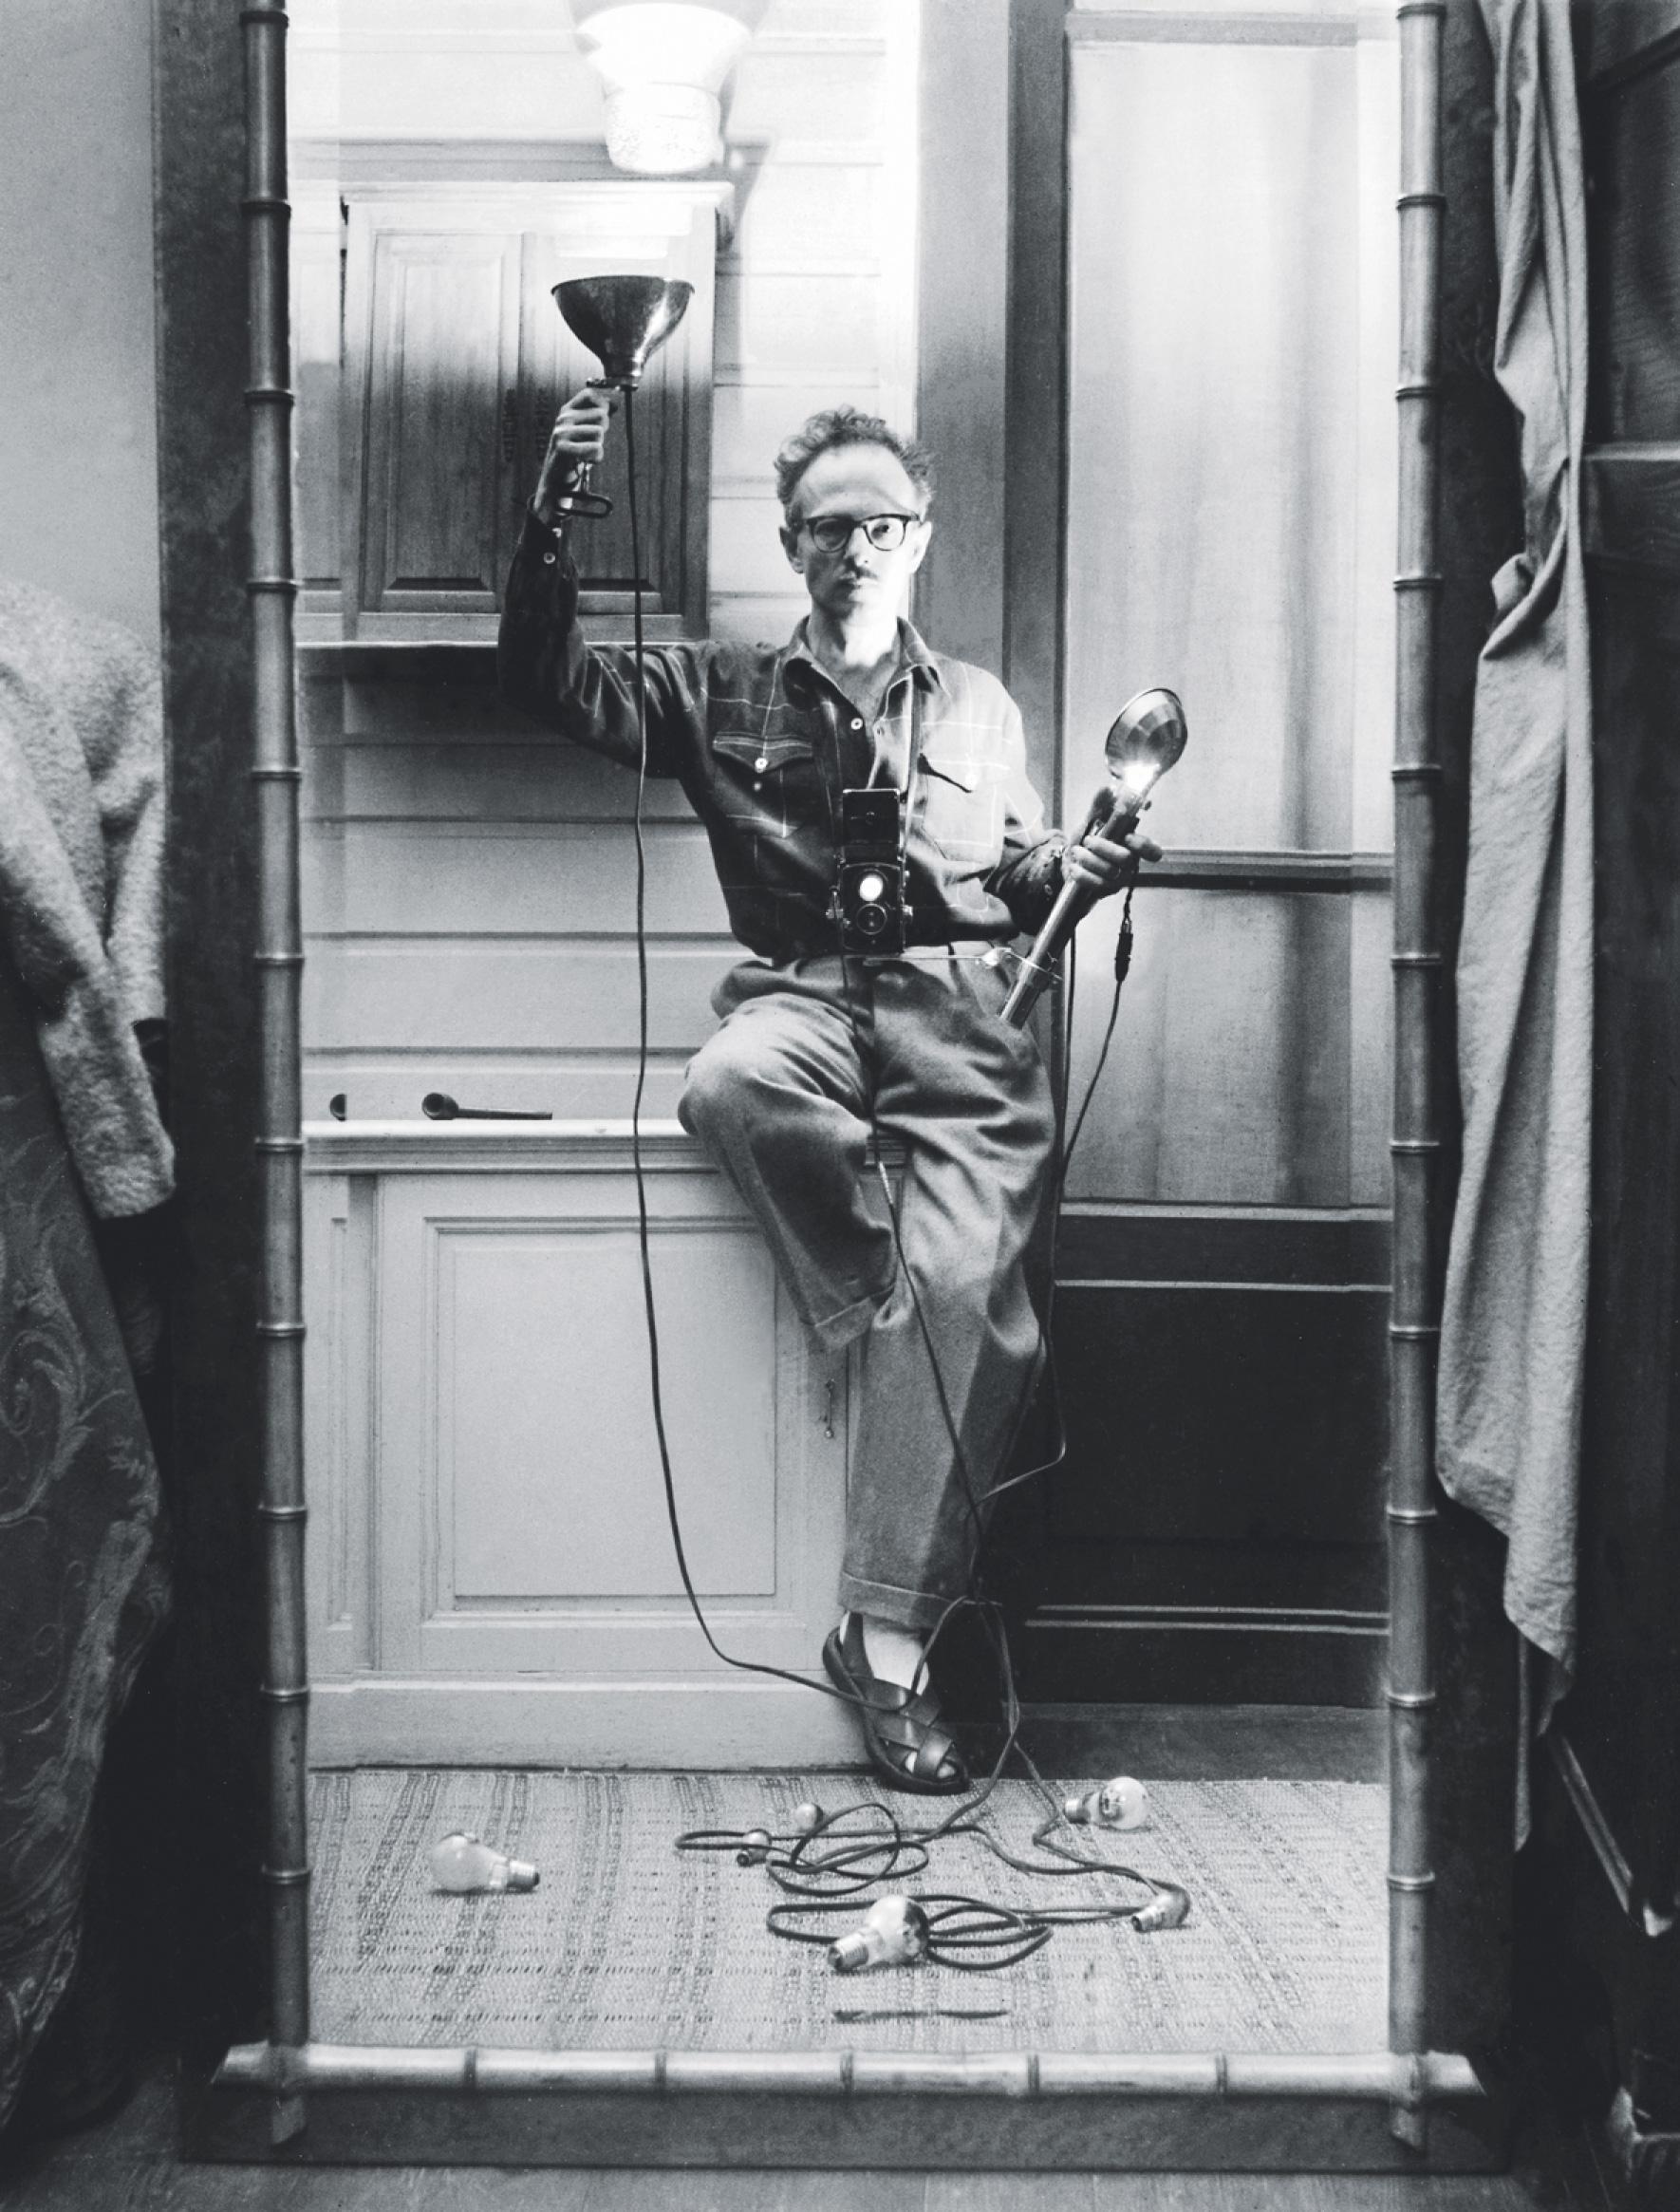 1951. Автопортрет со вспышкой